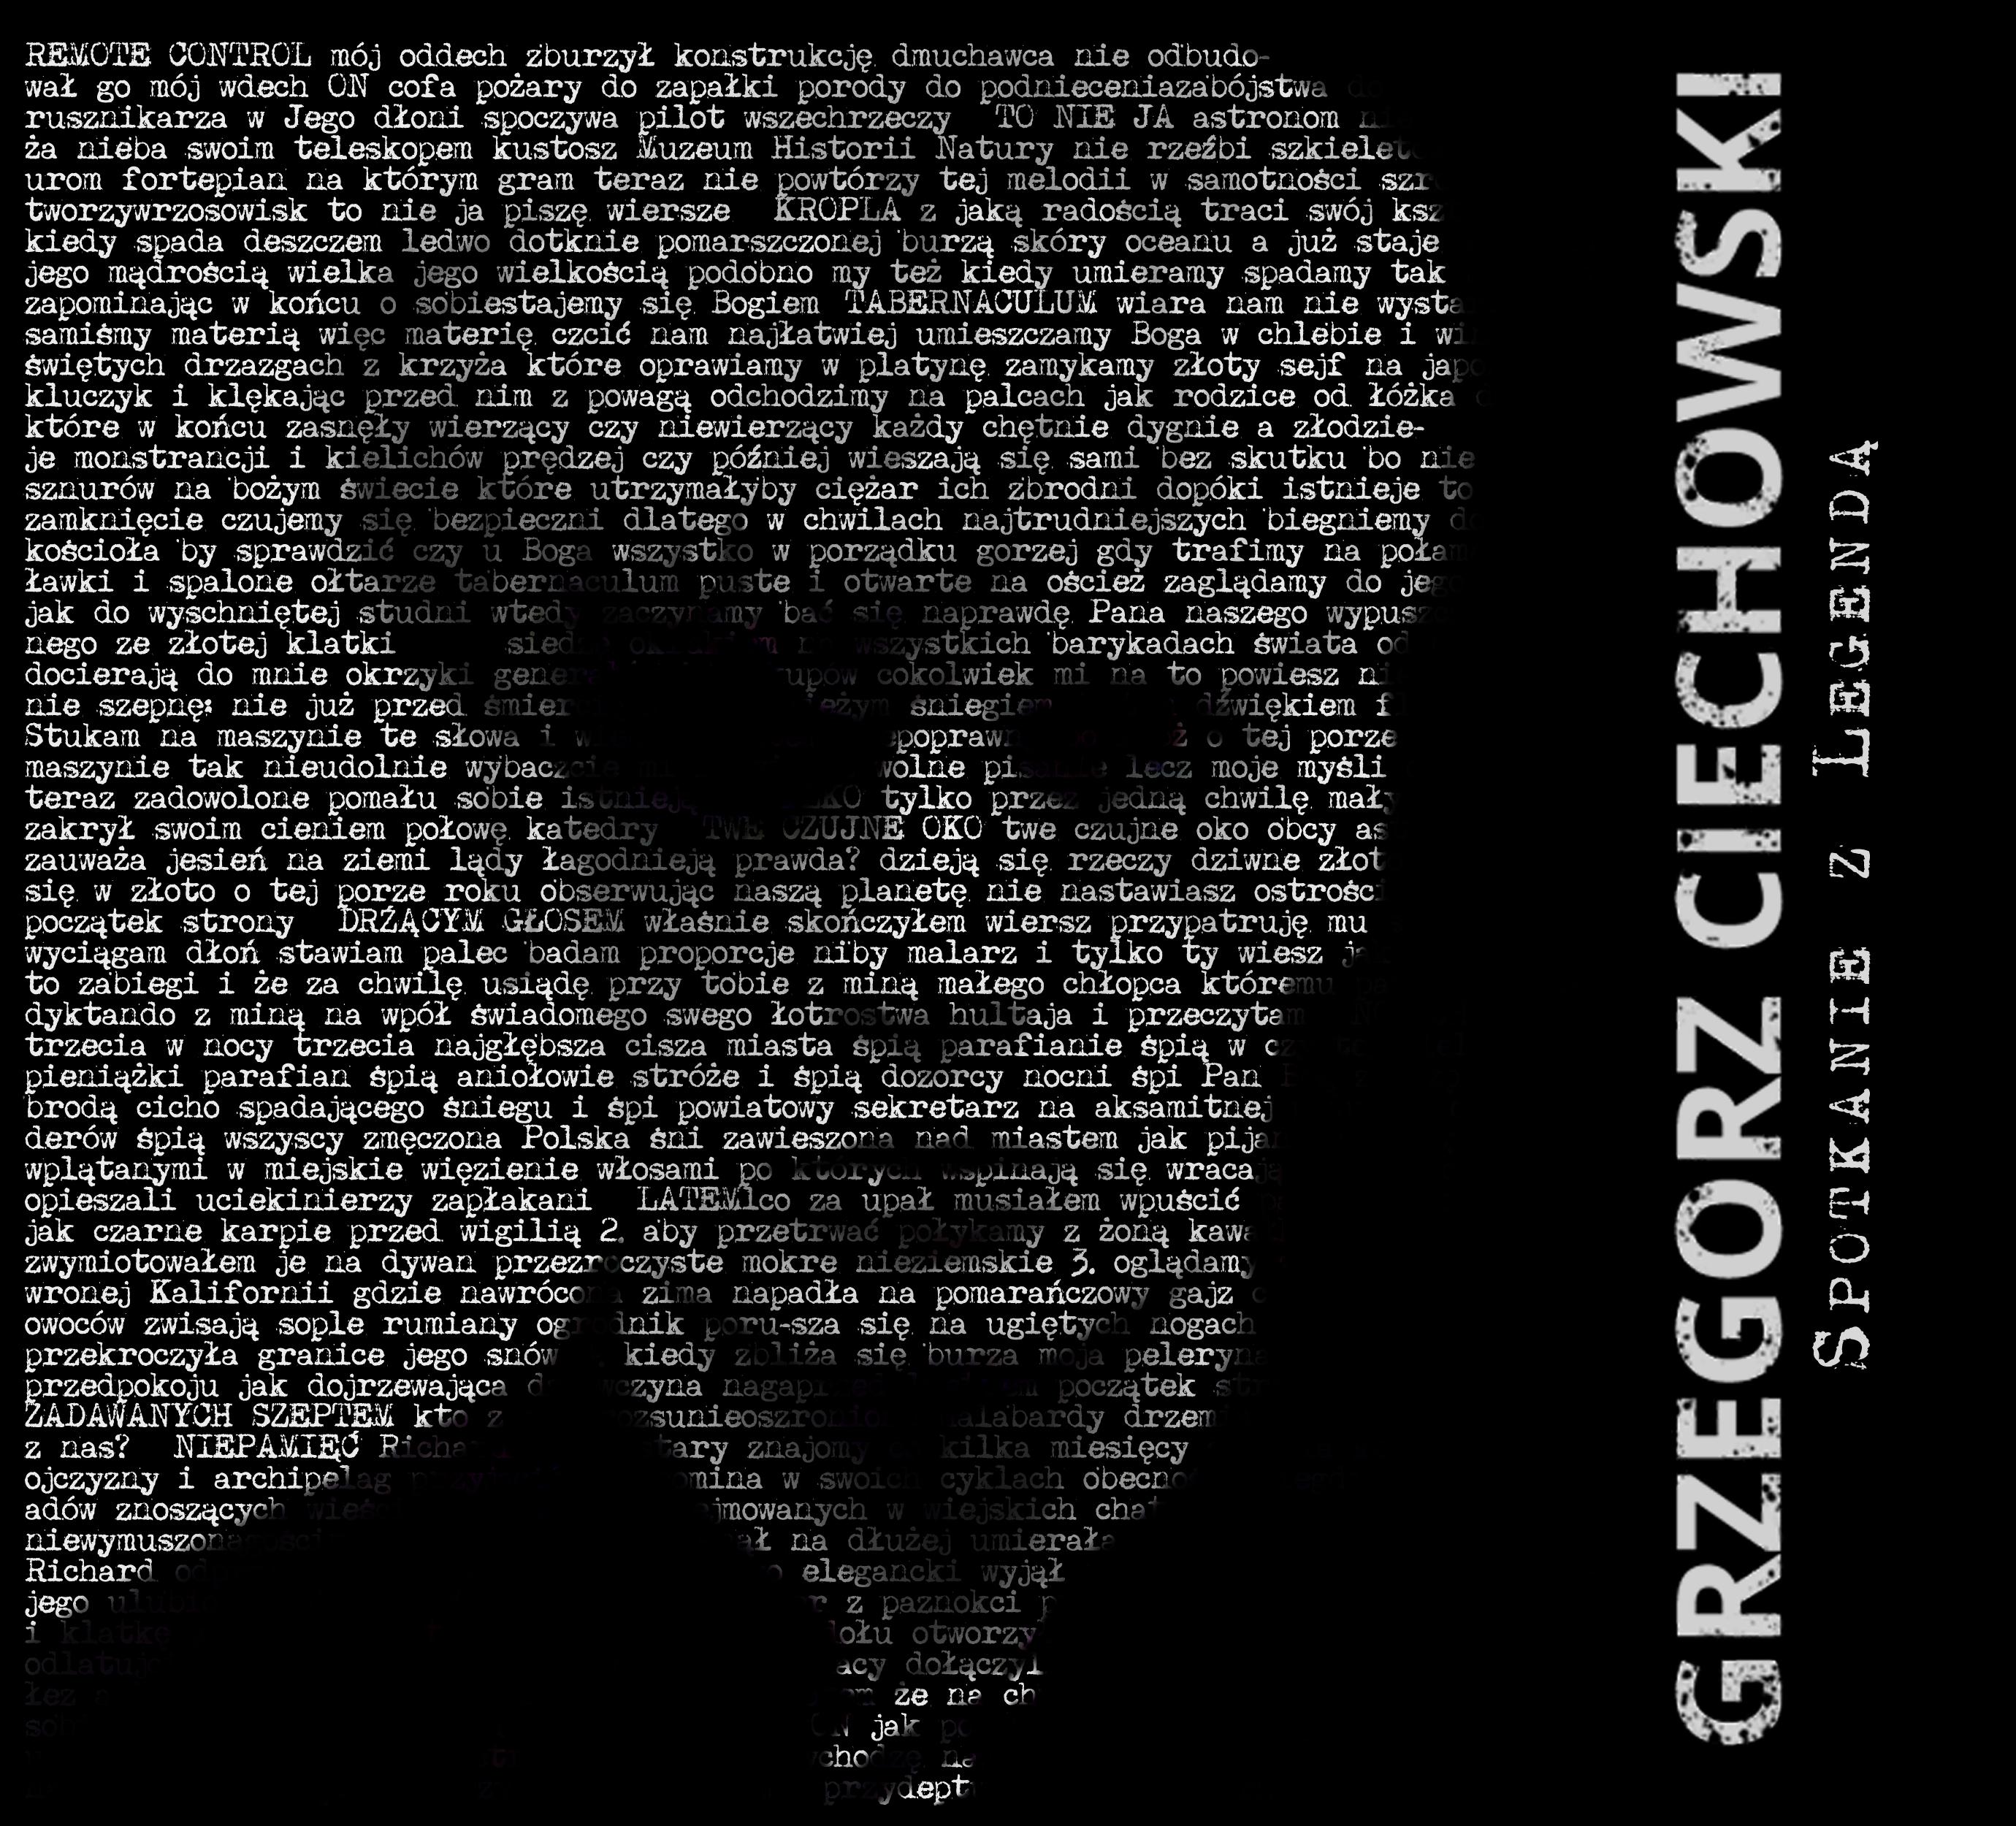 """Grzegorz Ciechowski """"Spotkanie z legendą"""" na DVD"""